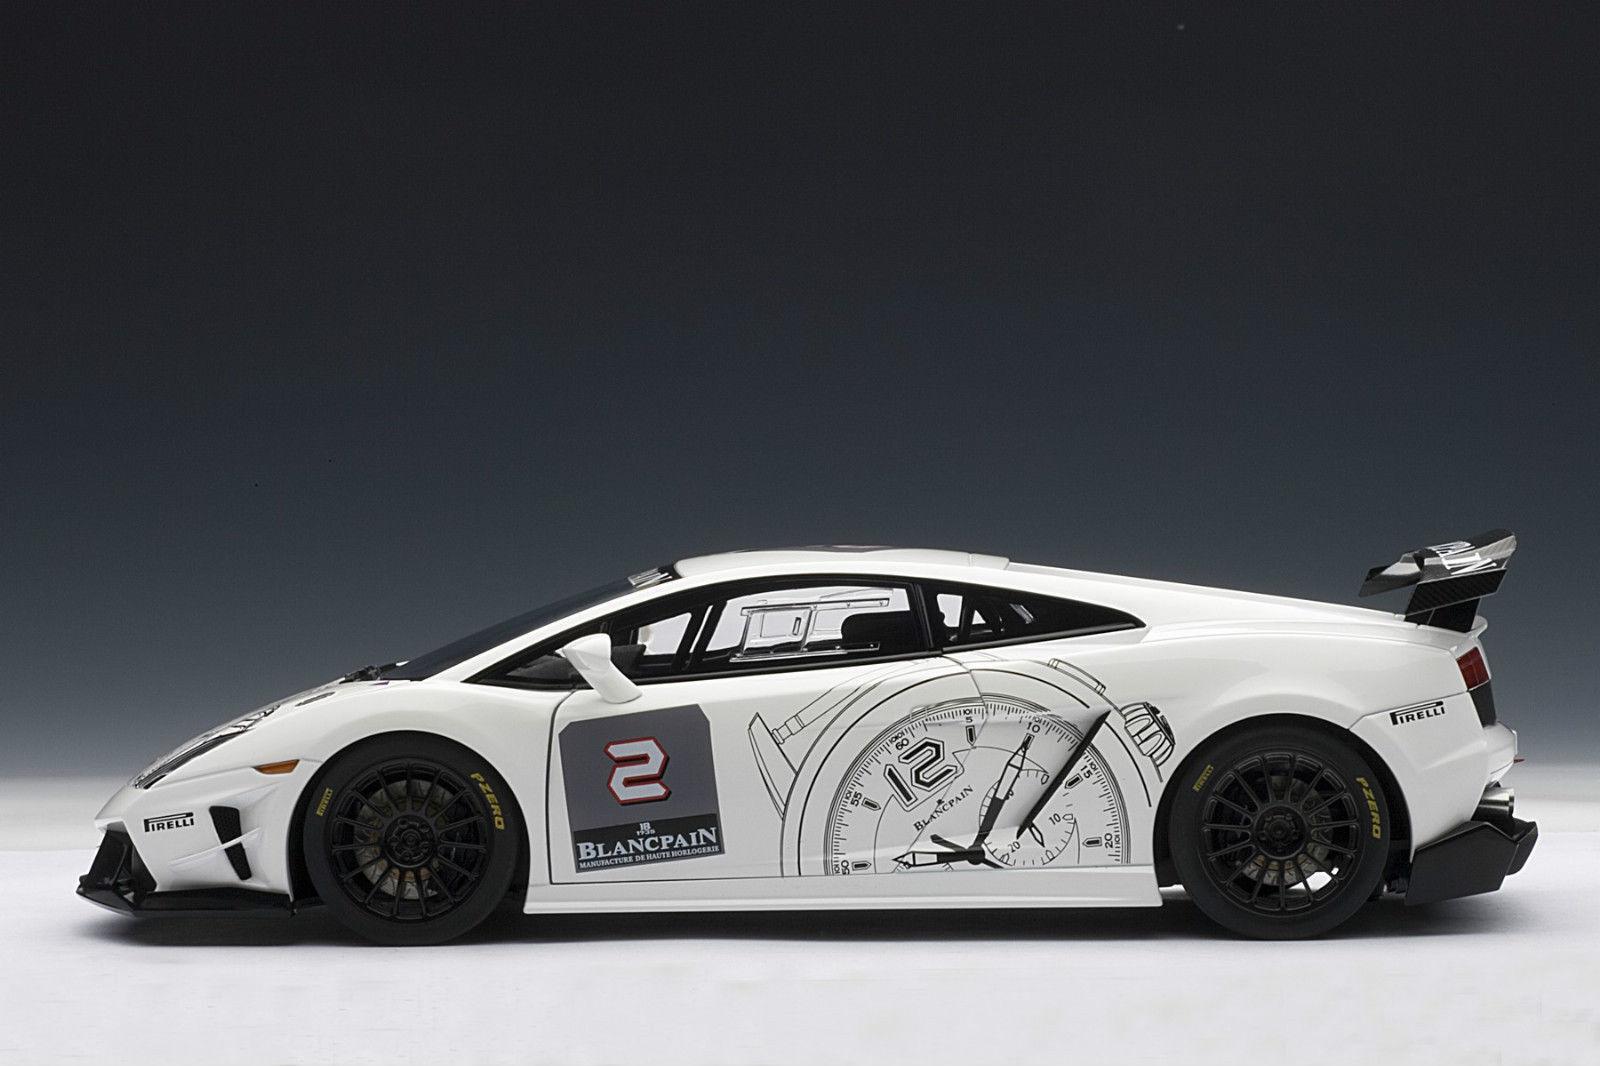 1 18 AUTOArt-Lamborghini Gallardo LP560-4 Trofeo vitpain vit 2009